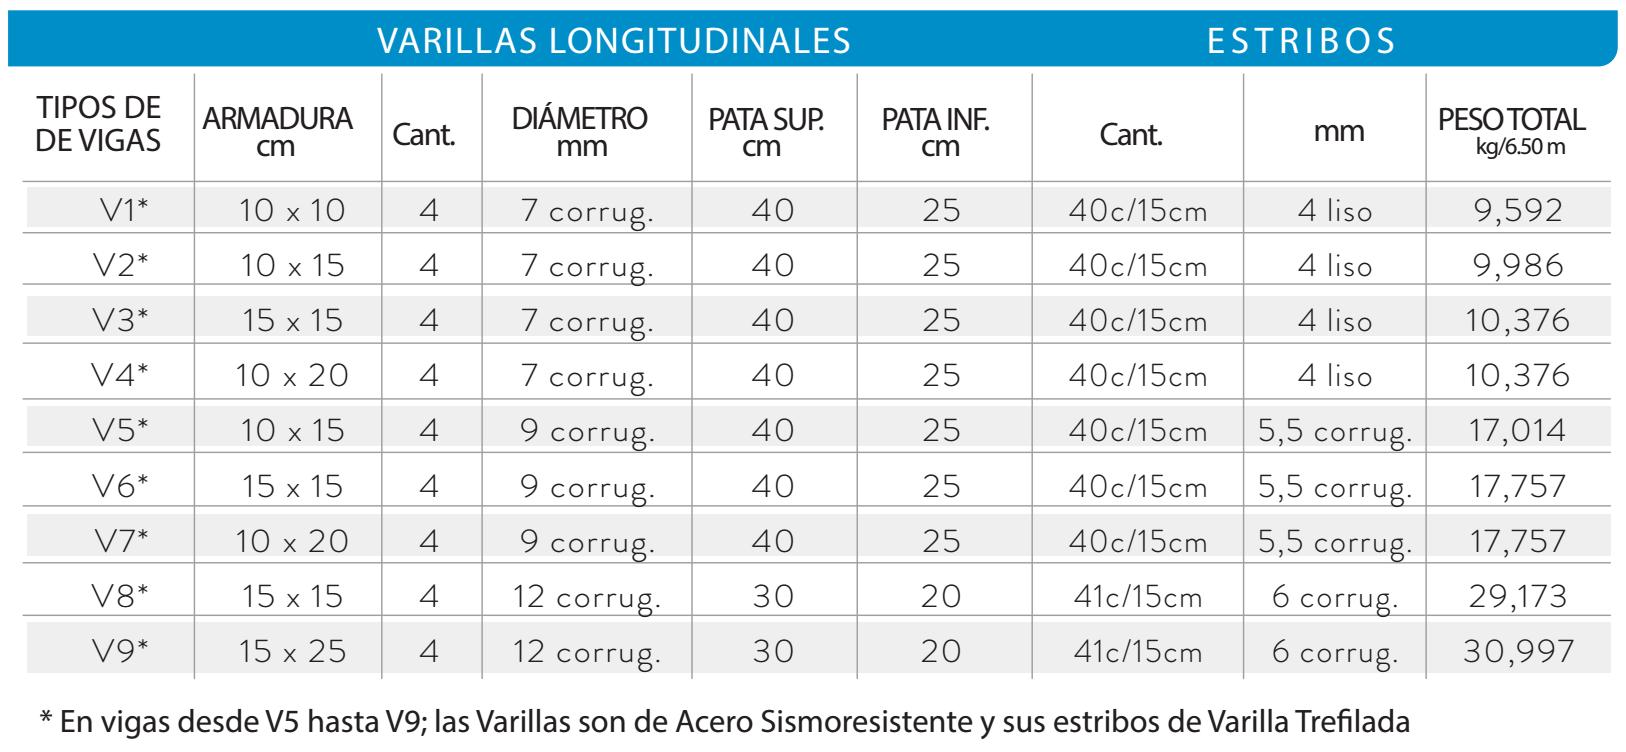 Fuente: Catalogo de productos de Adelca